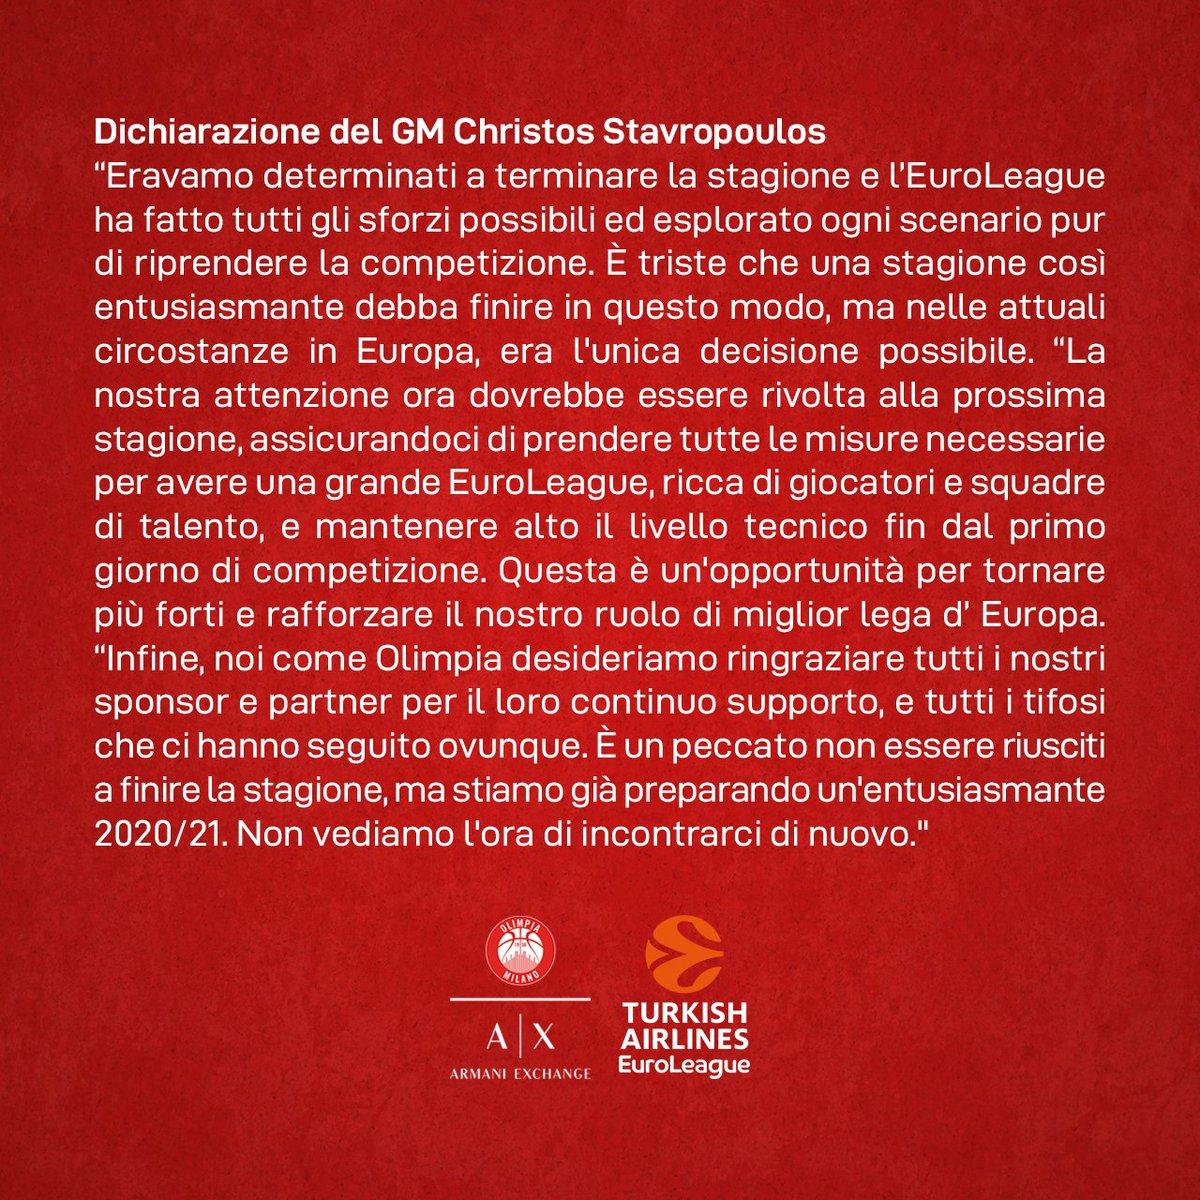 La dichiarazione del nostro GM Christos Stavropoulos.  #insieme #EuroLeague  @EuroLeaguepic.twitter.com/C2O8TYCiTY